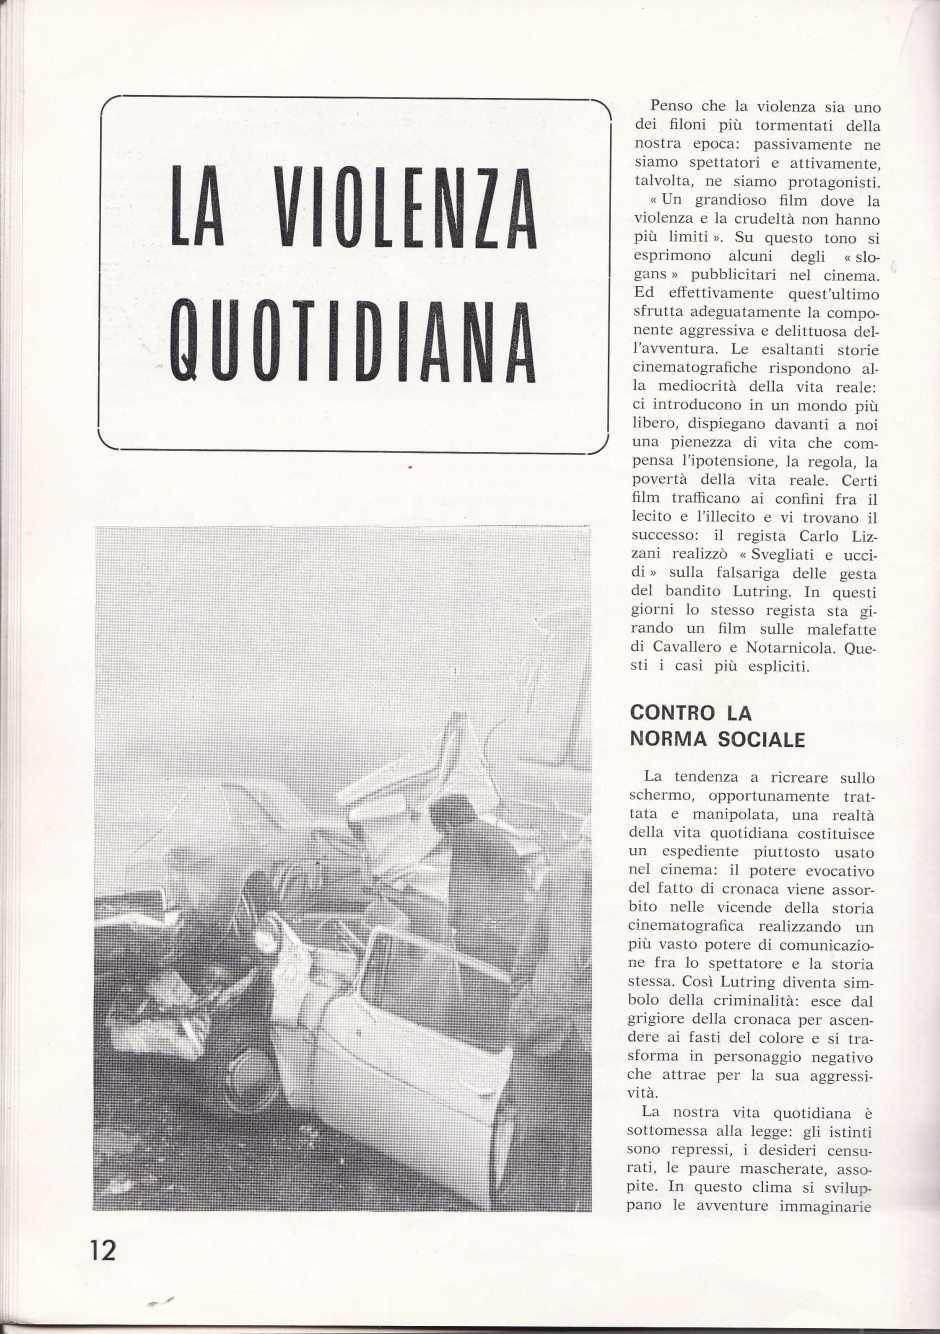 ferrario vasca 2 19673045